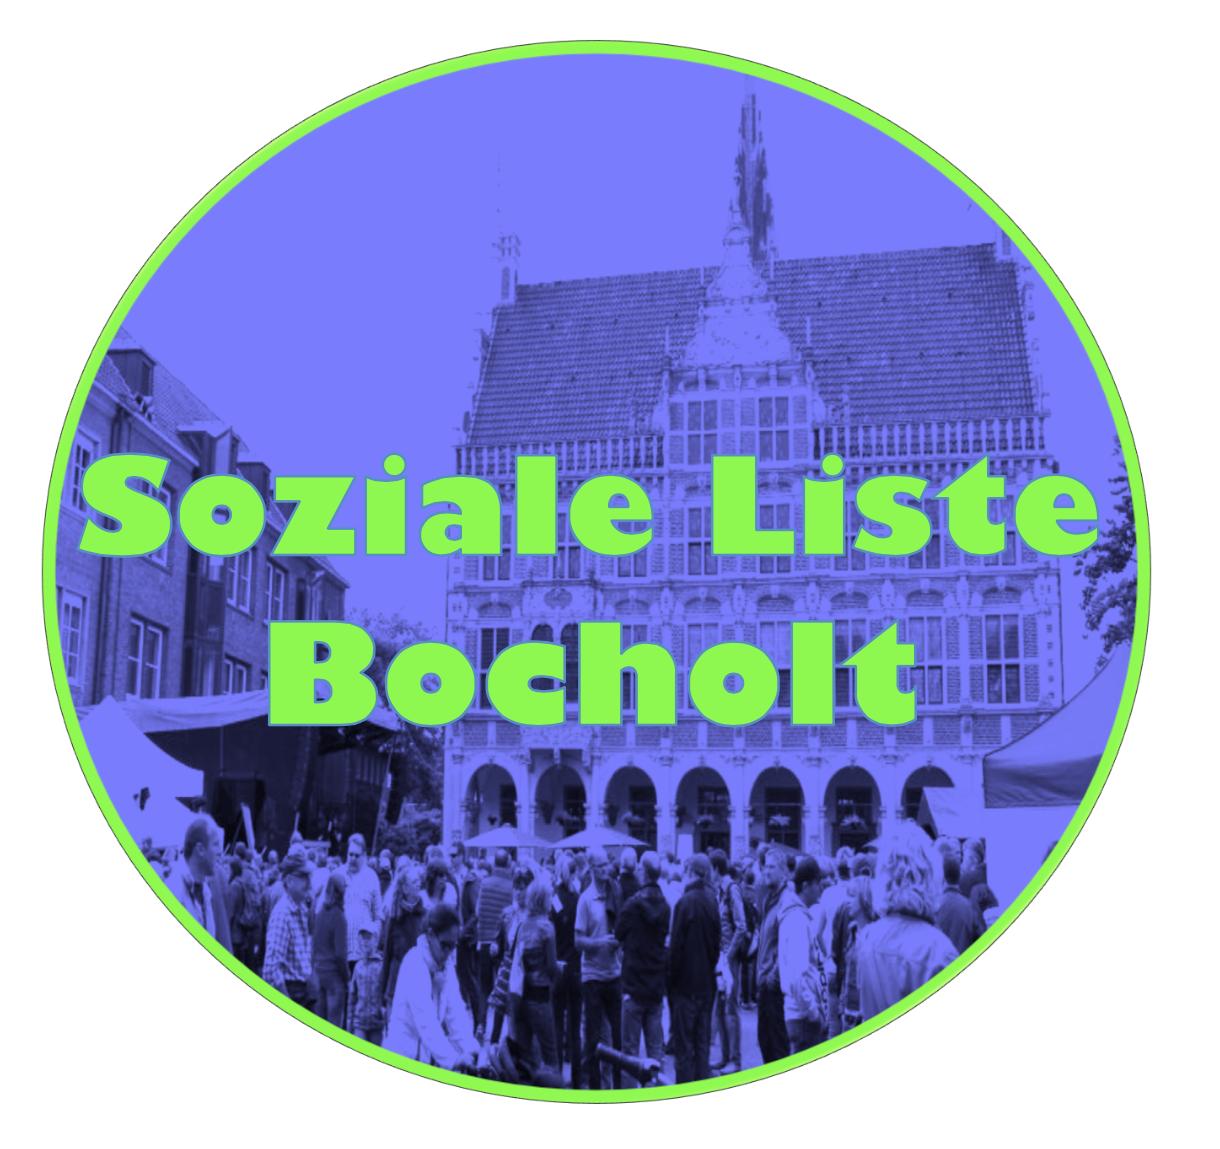 Soziale Liste Bocholt